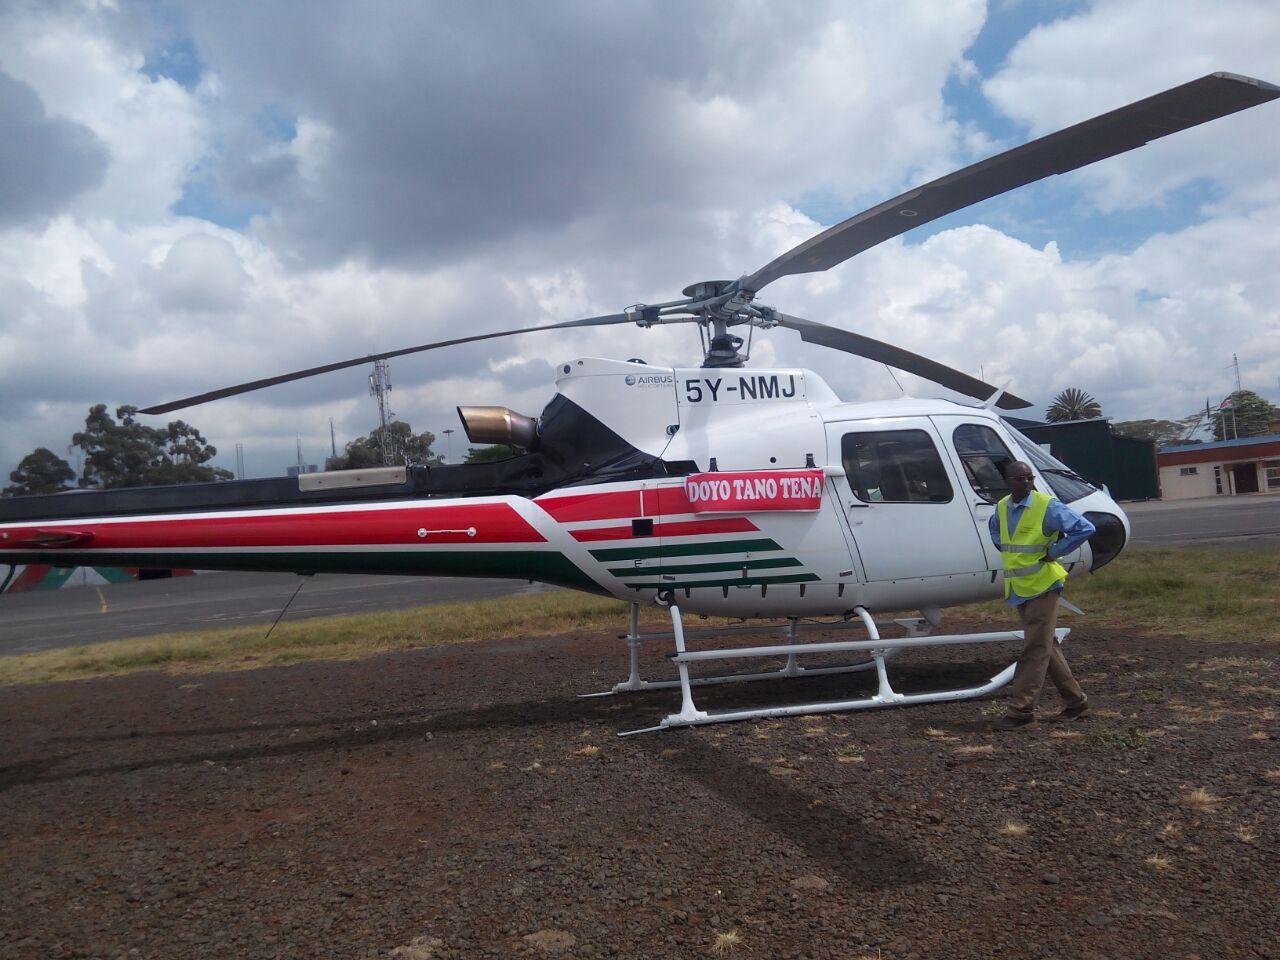 5 загинаха при катастрофа с вертолрет Н125 в Кения (снимки)